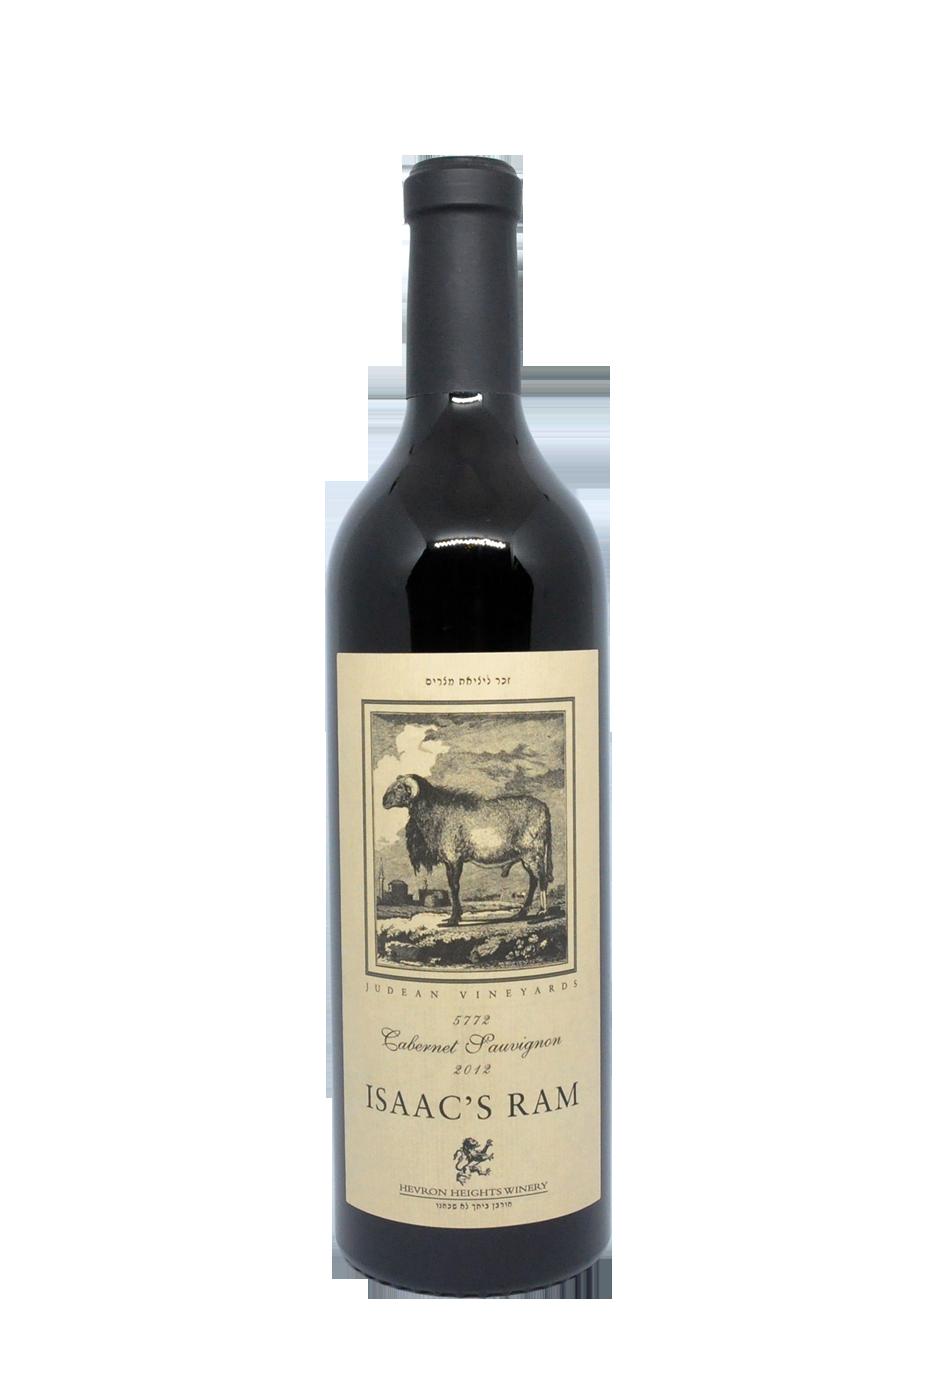 Isaac's Ram Cabernet Sauvignon